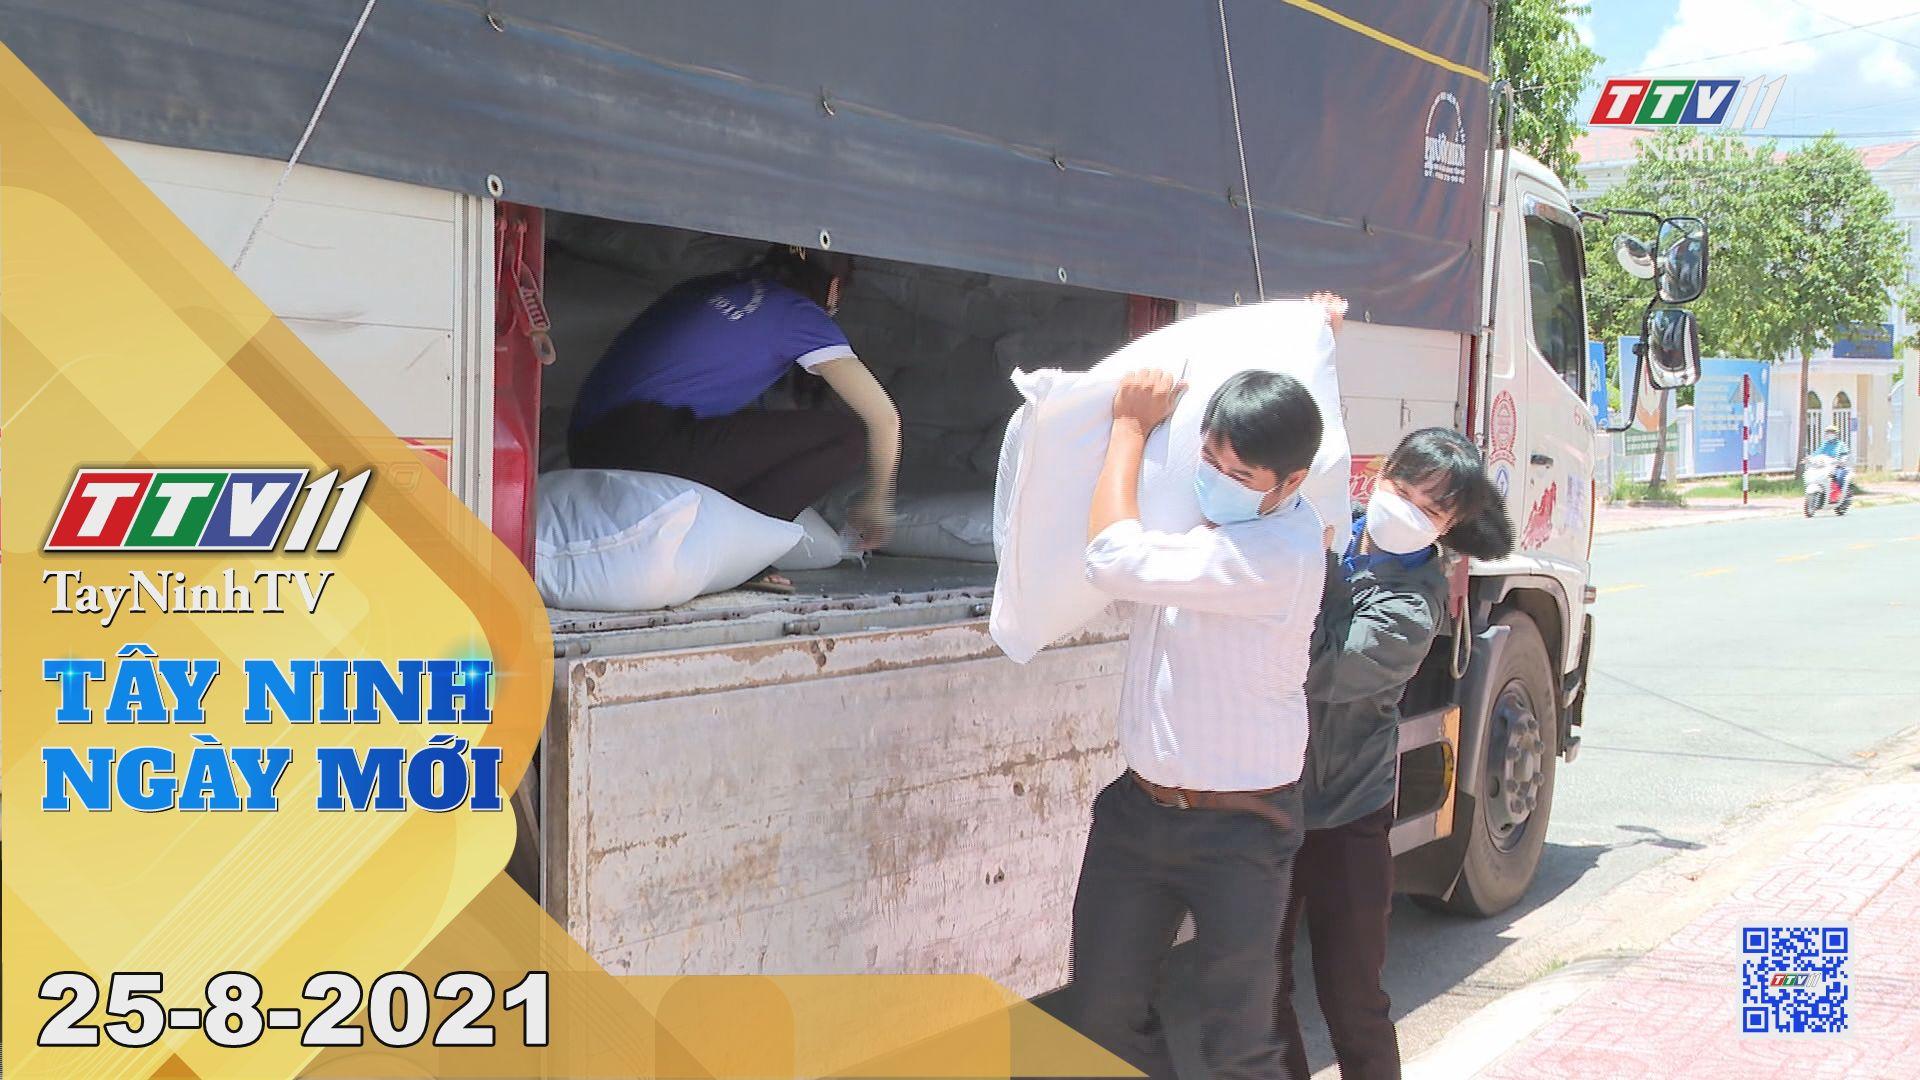 Tây Ninh Ngày Mới 25-8-2021 | Tin tức hôm nay | TayNinhTV